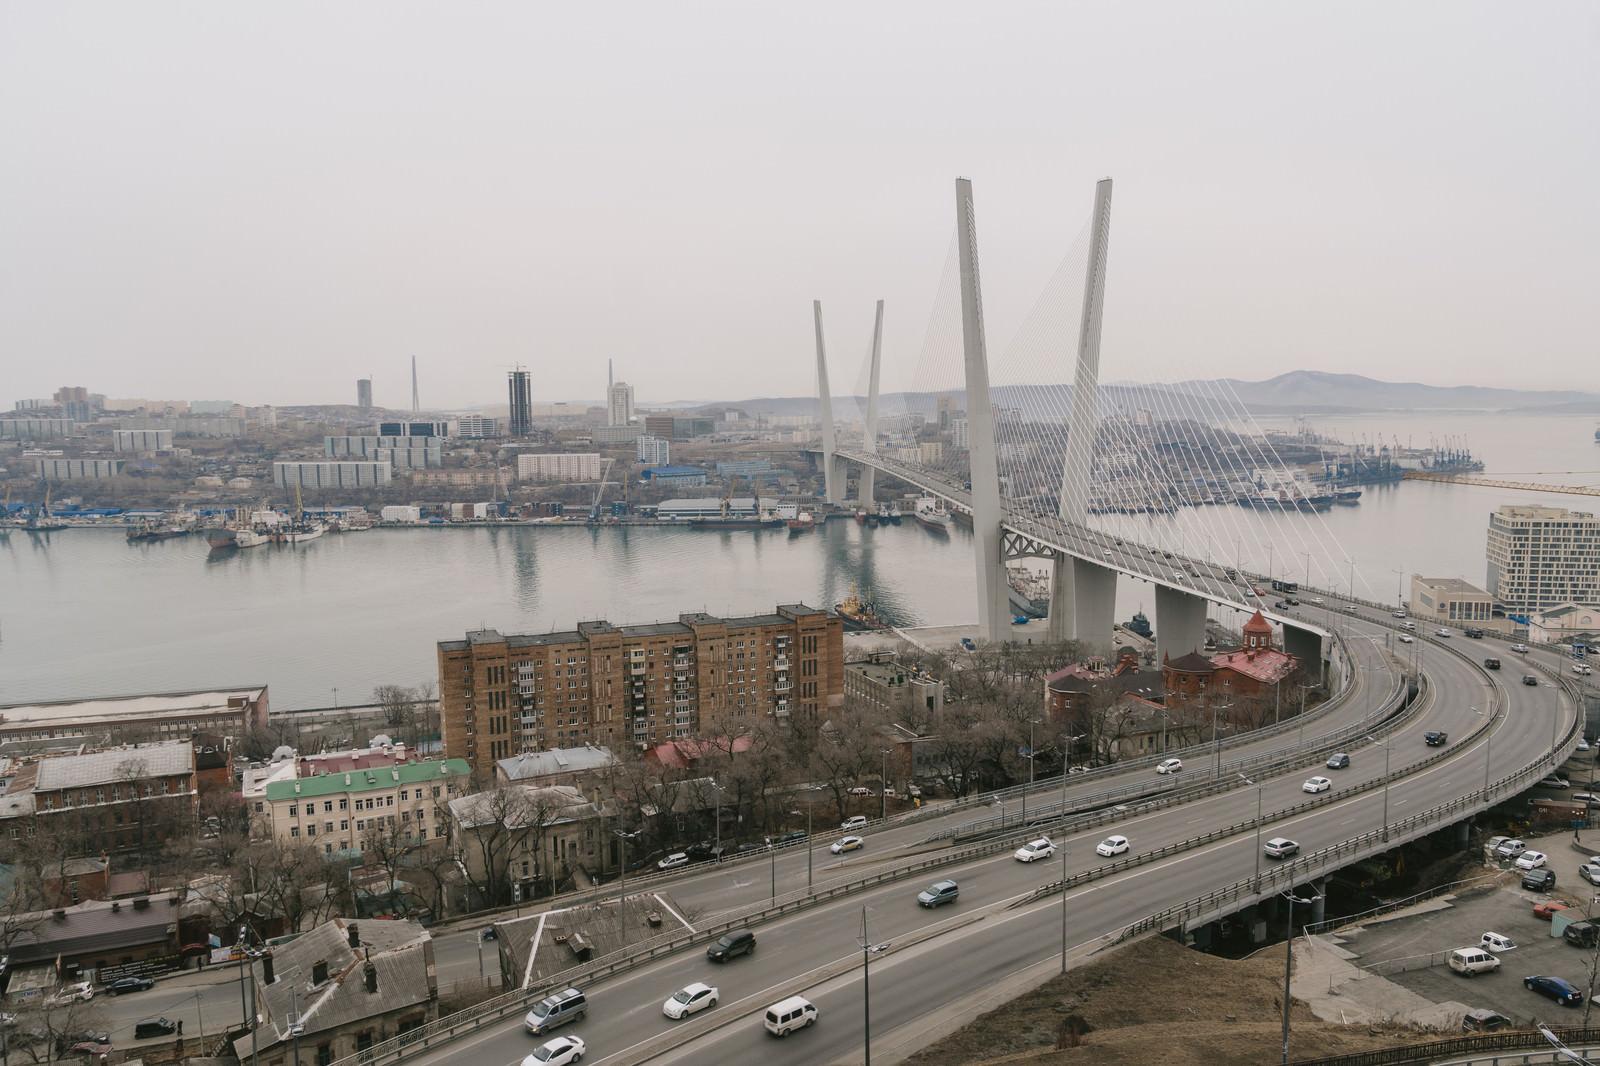 「ウラジオストックの金角湾にかかる橋」の写真